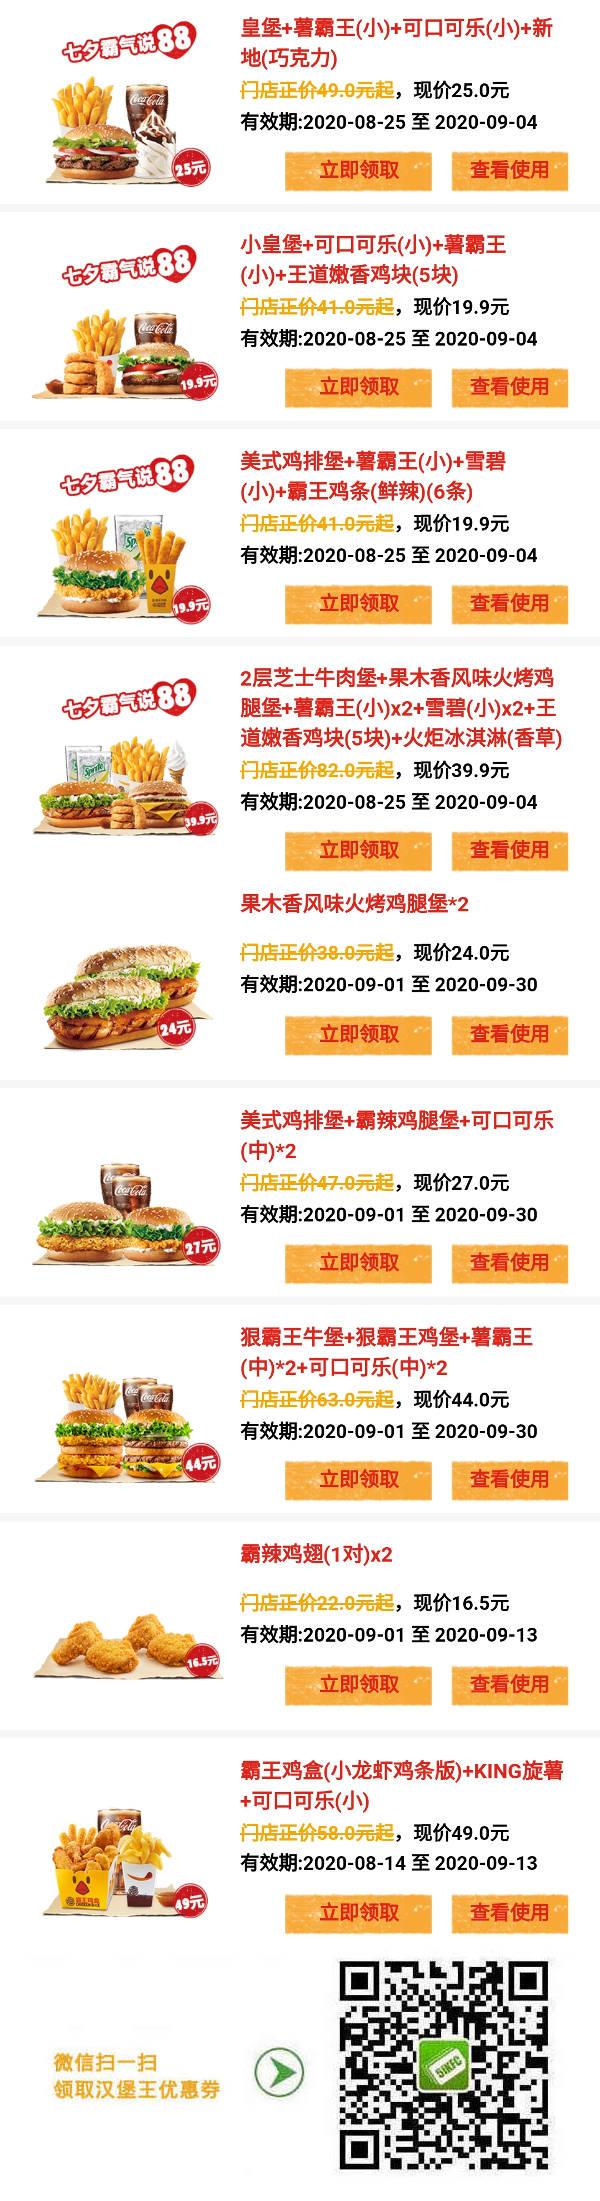 汉堡王2020年9月优惠券领取,双人套餐27元起 有效期至:2020年9月30日 www.5ikfc.com